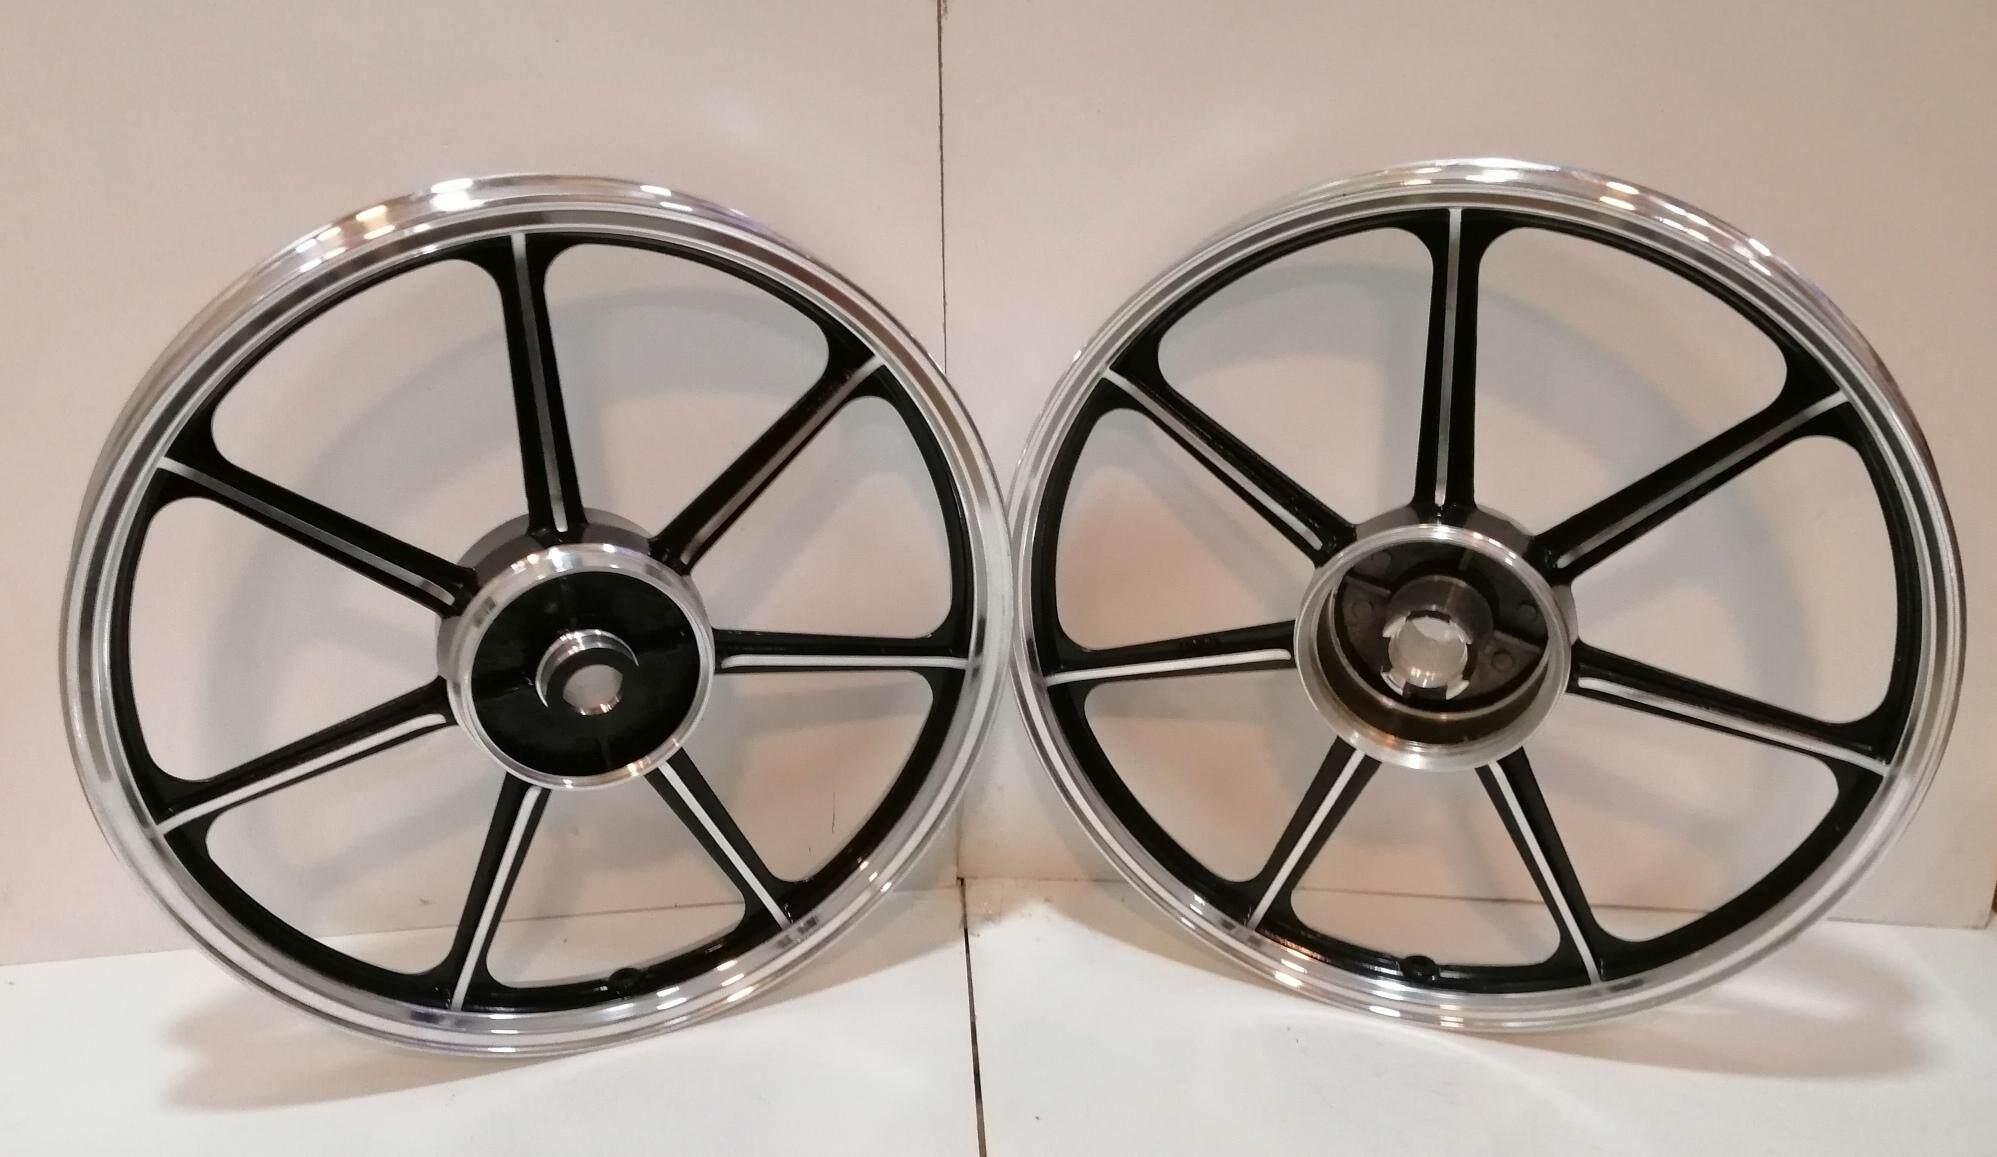 788 Sport Rim Ex5 Black By K.k Motorspareparts.